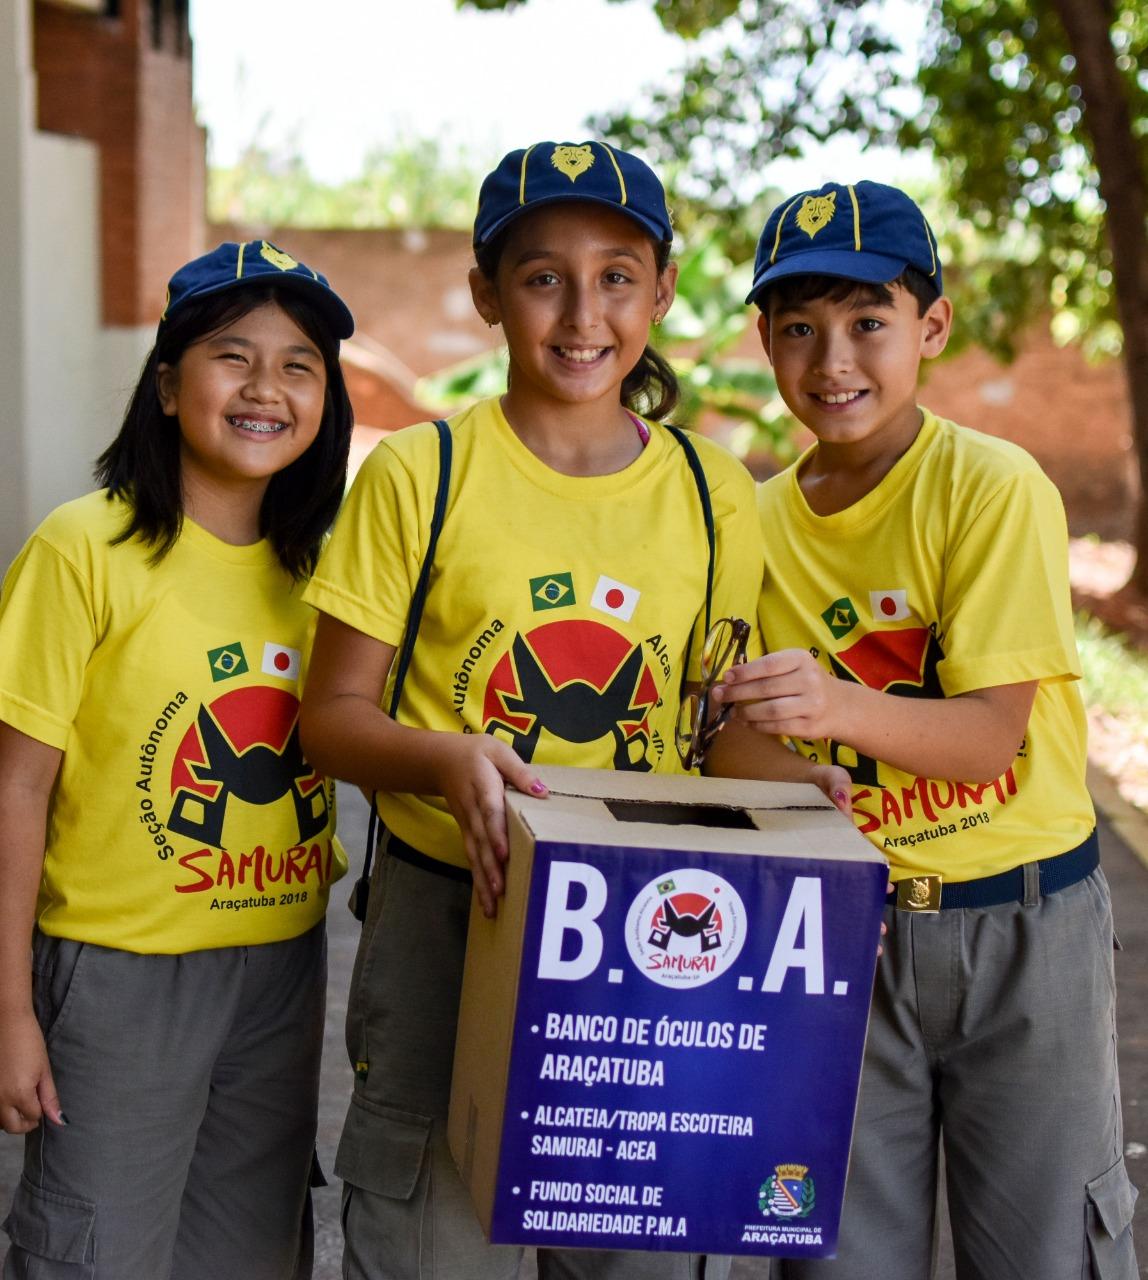 d795ef9c4 Campanha para arrecadar armação de óculos tem parceria com Fundo Social |  Prefeitura Municipal de Araçatuba